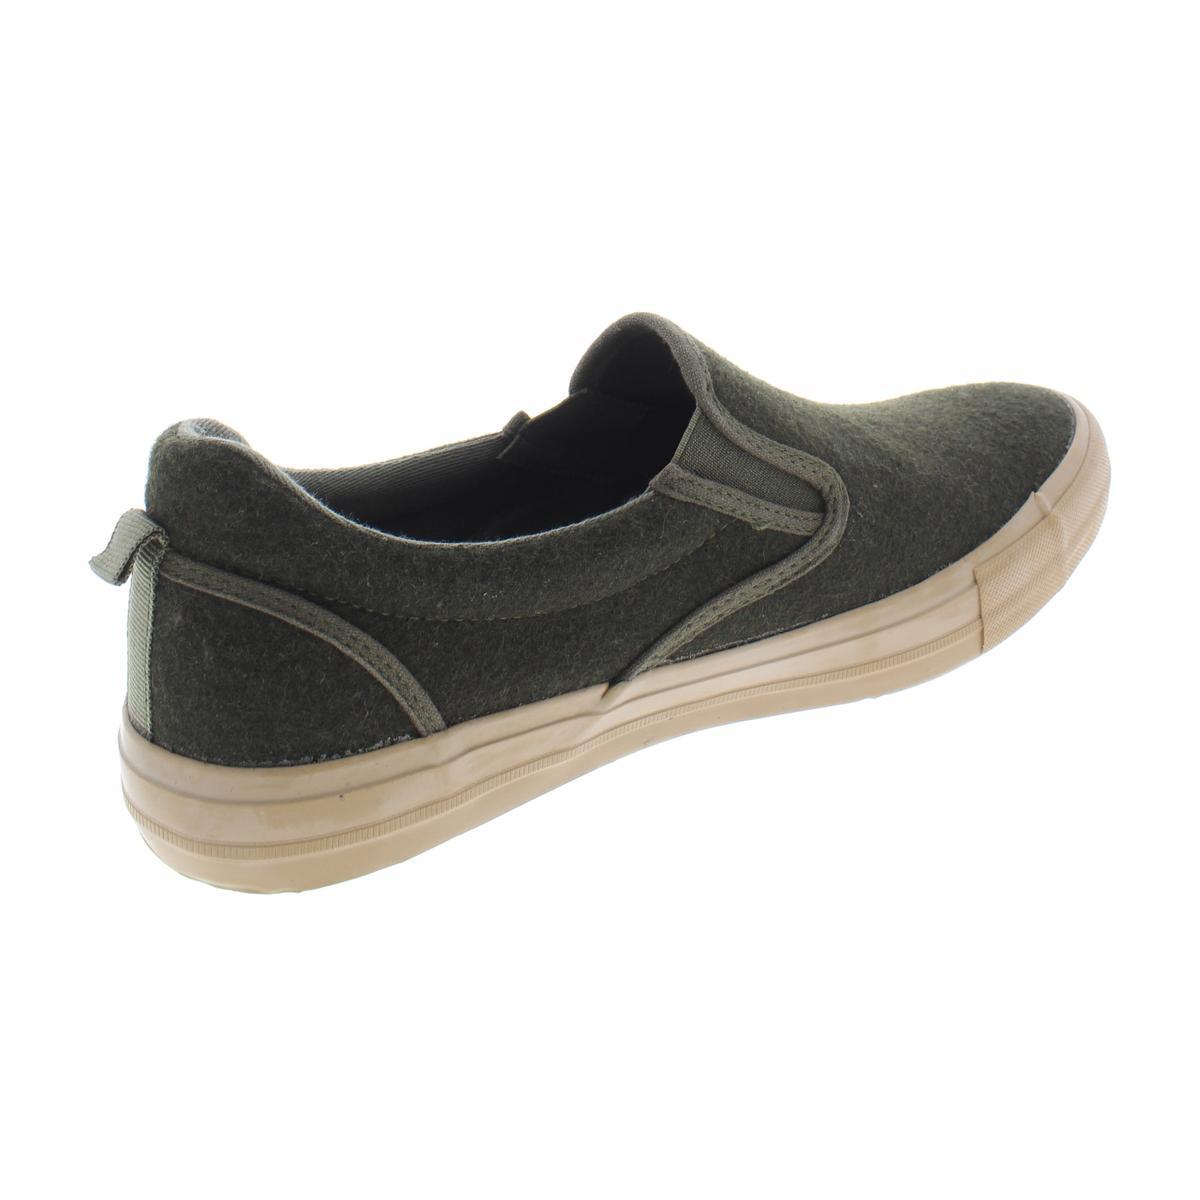 Steve-Madden-Mens-Mutt-Loafer-Slip-On-Sneaker-Casual-Shoes-BHFO-9992 thumbnail 6